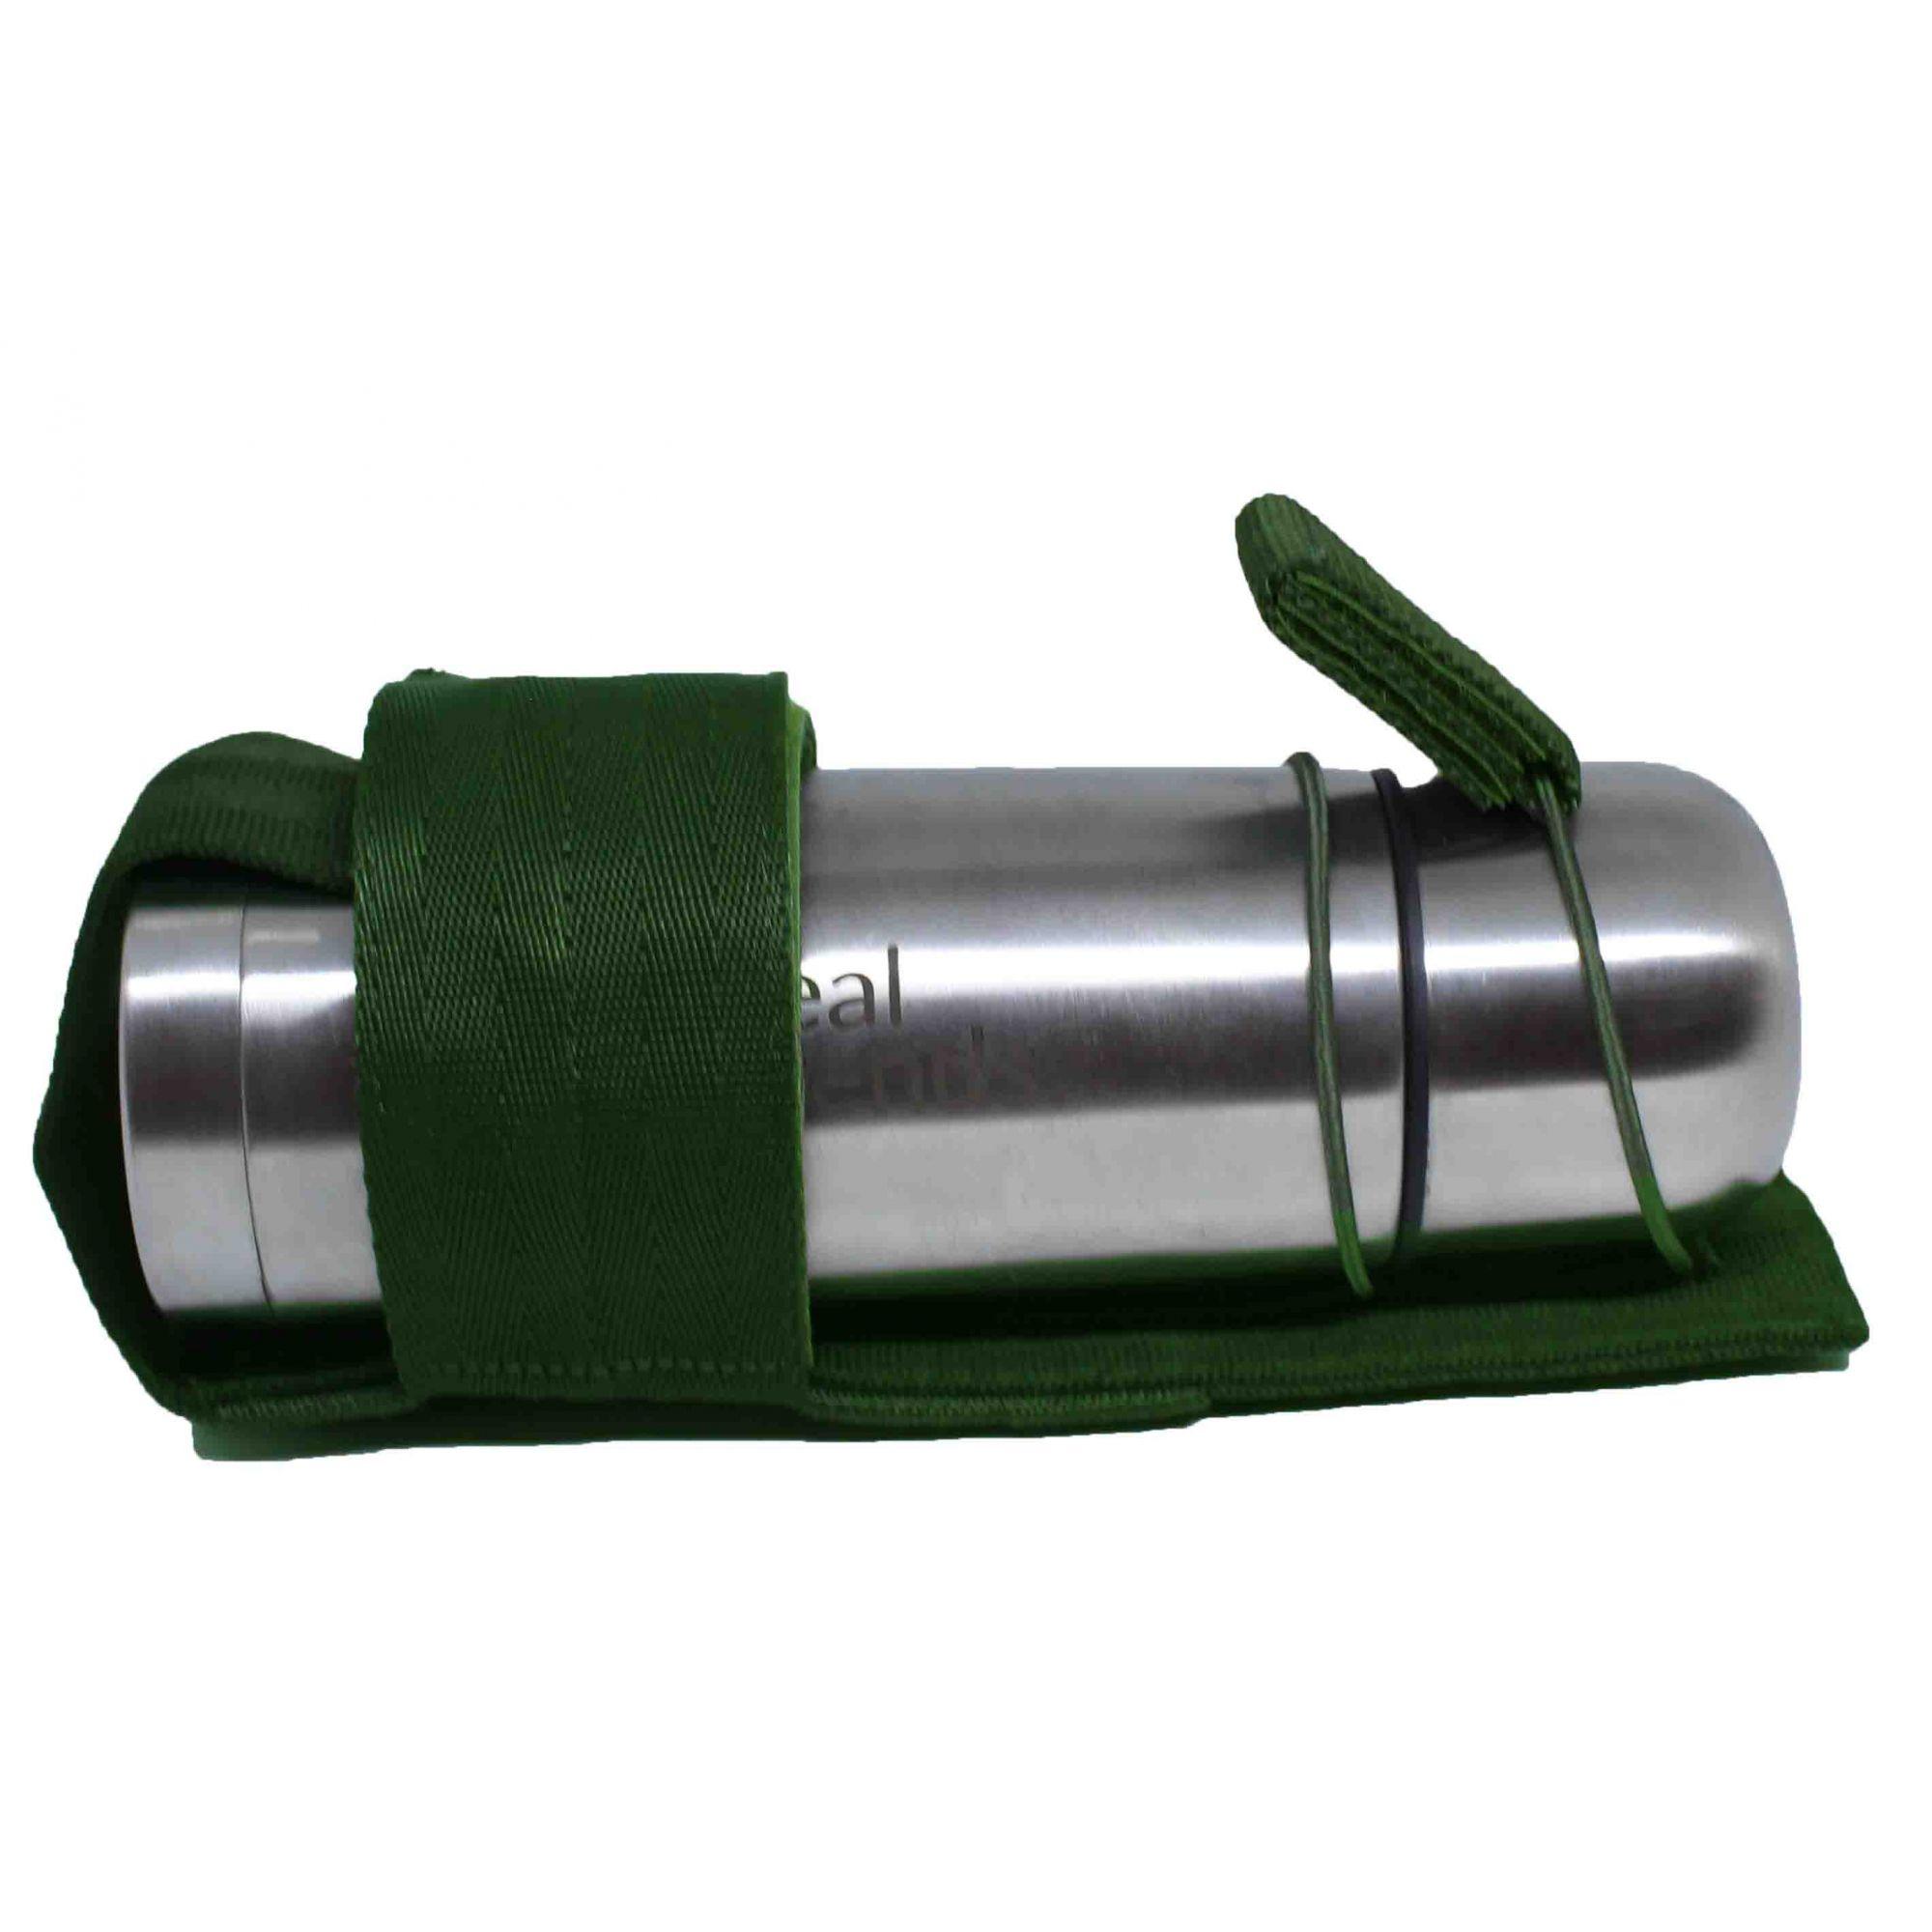 Porta Garrafa Modular - Verde